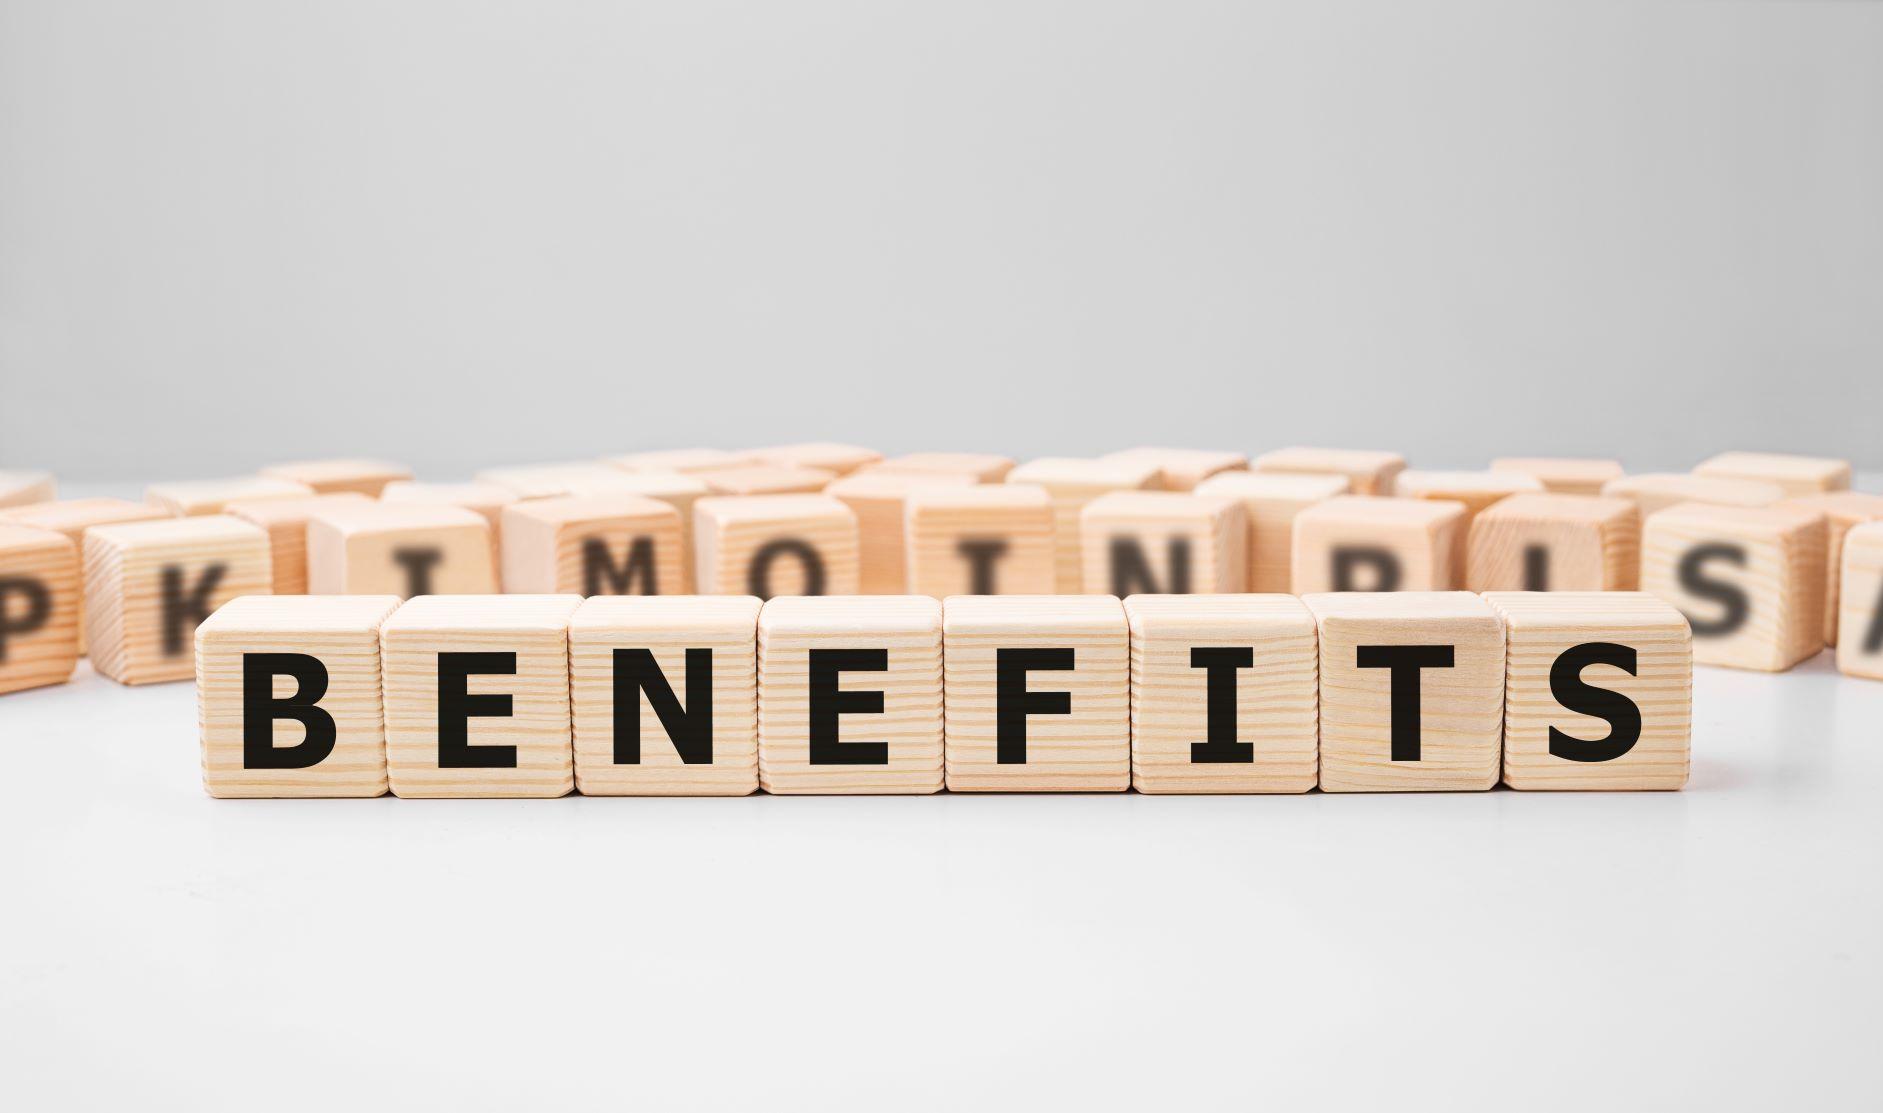 Benefits Smaller